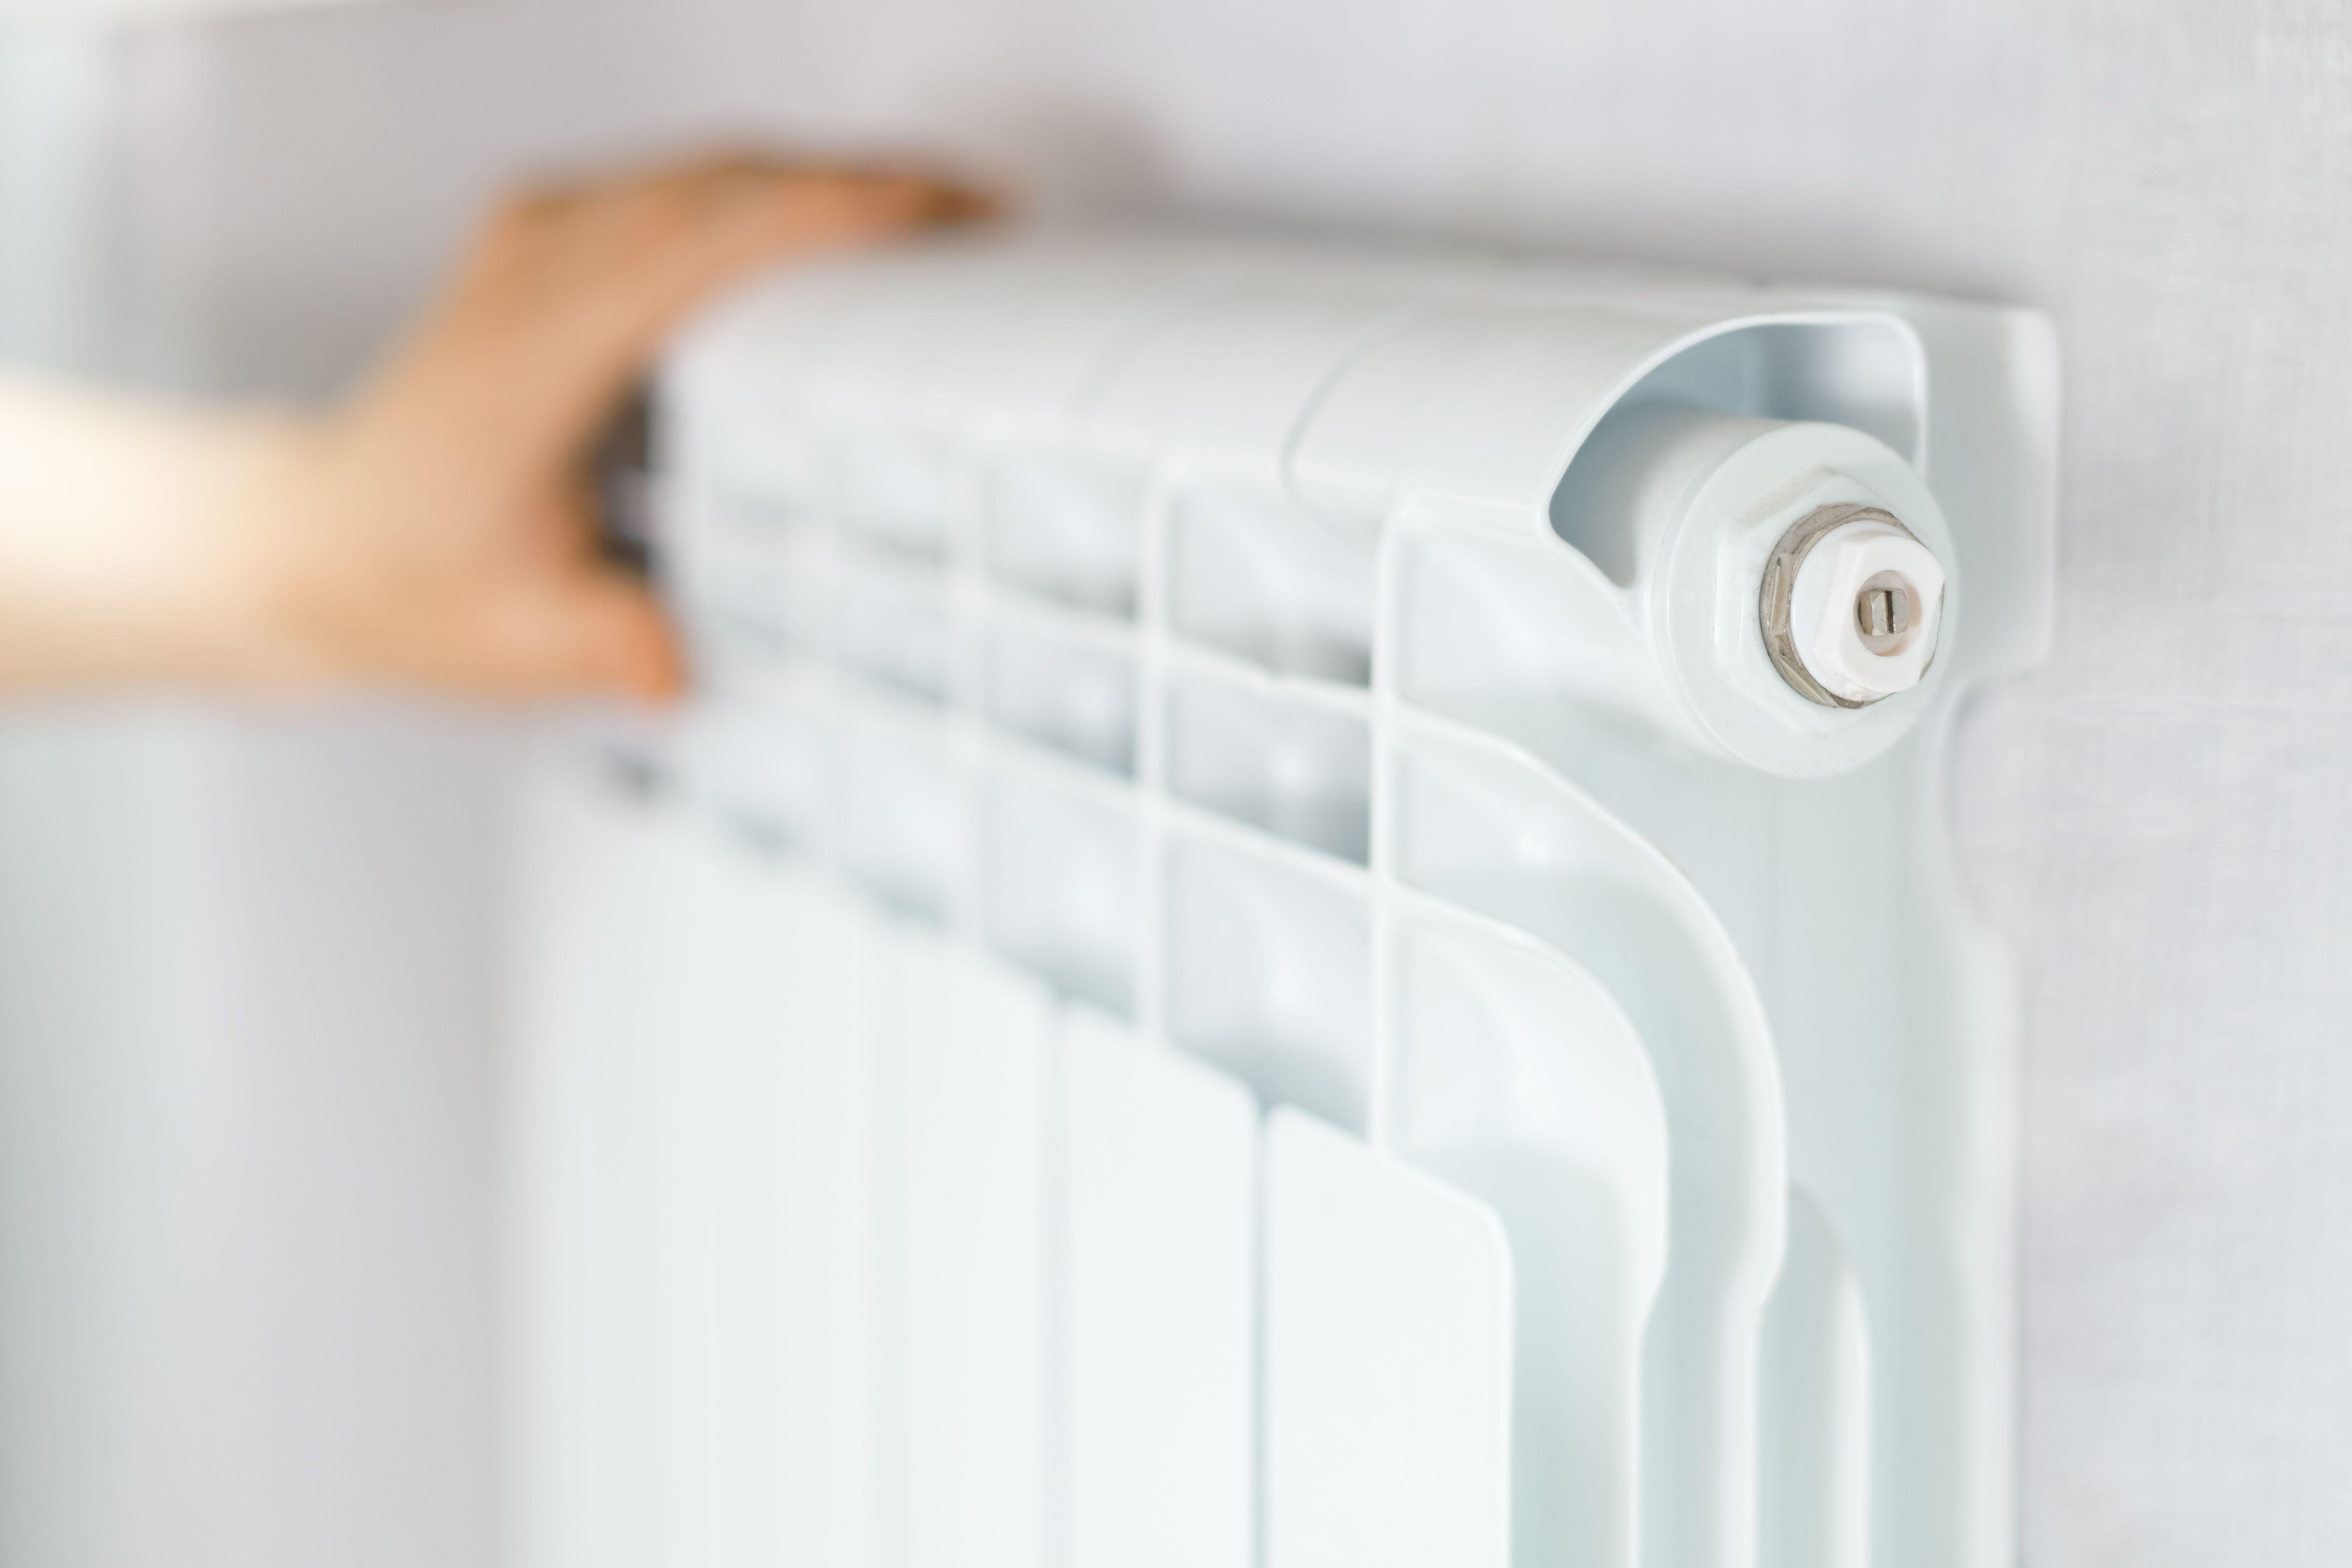 Reparación de Calefacción y Agua Caliente: Servicios de S.A.T. Garraf